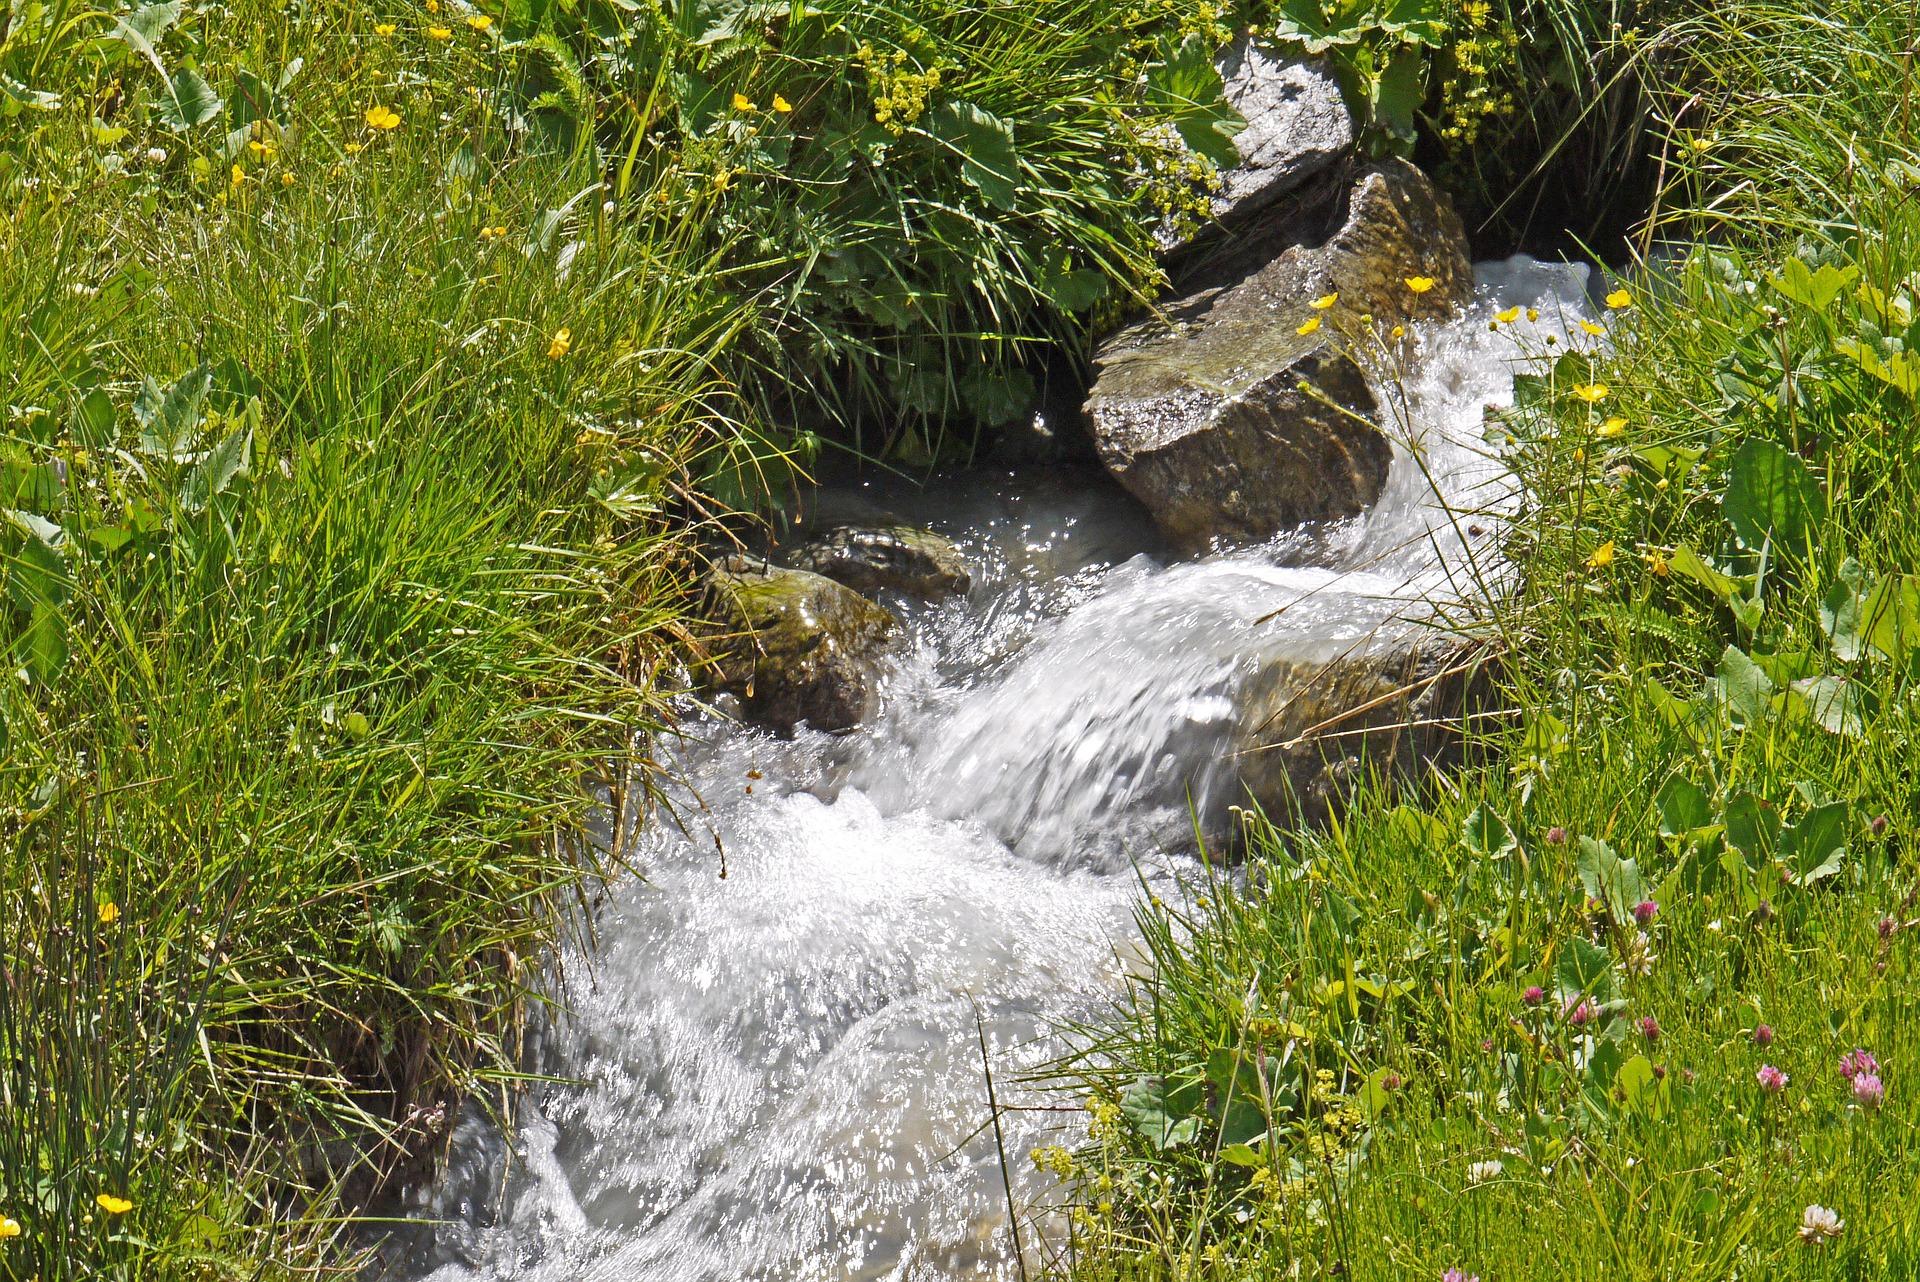 Quellwassersprudeln